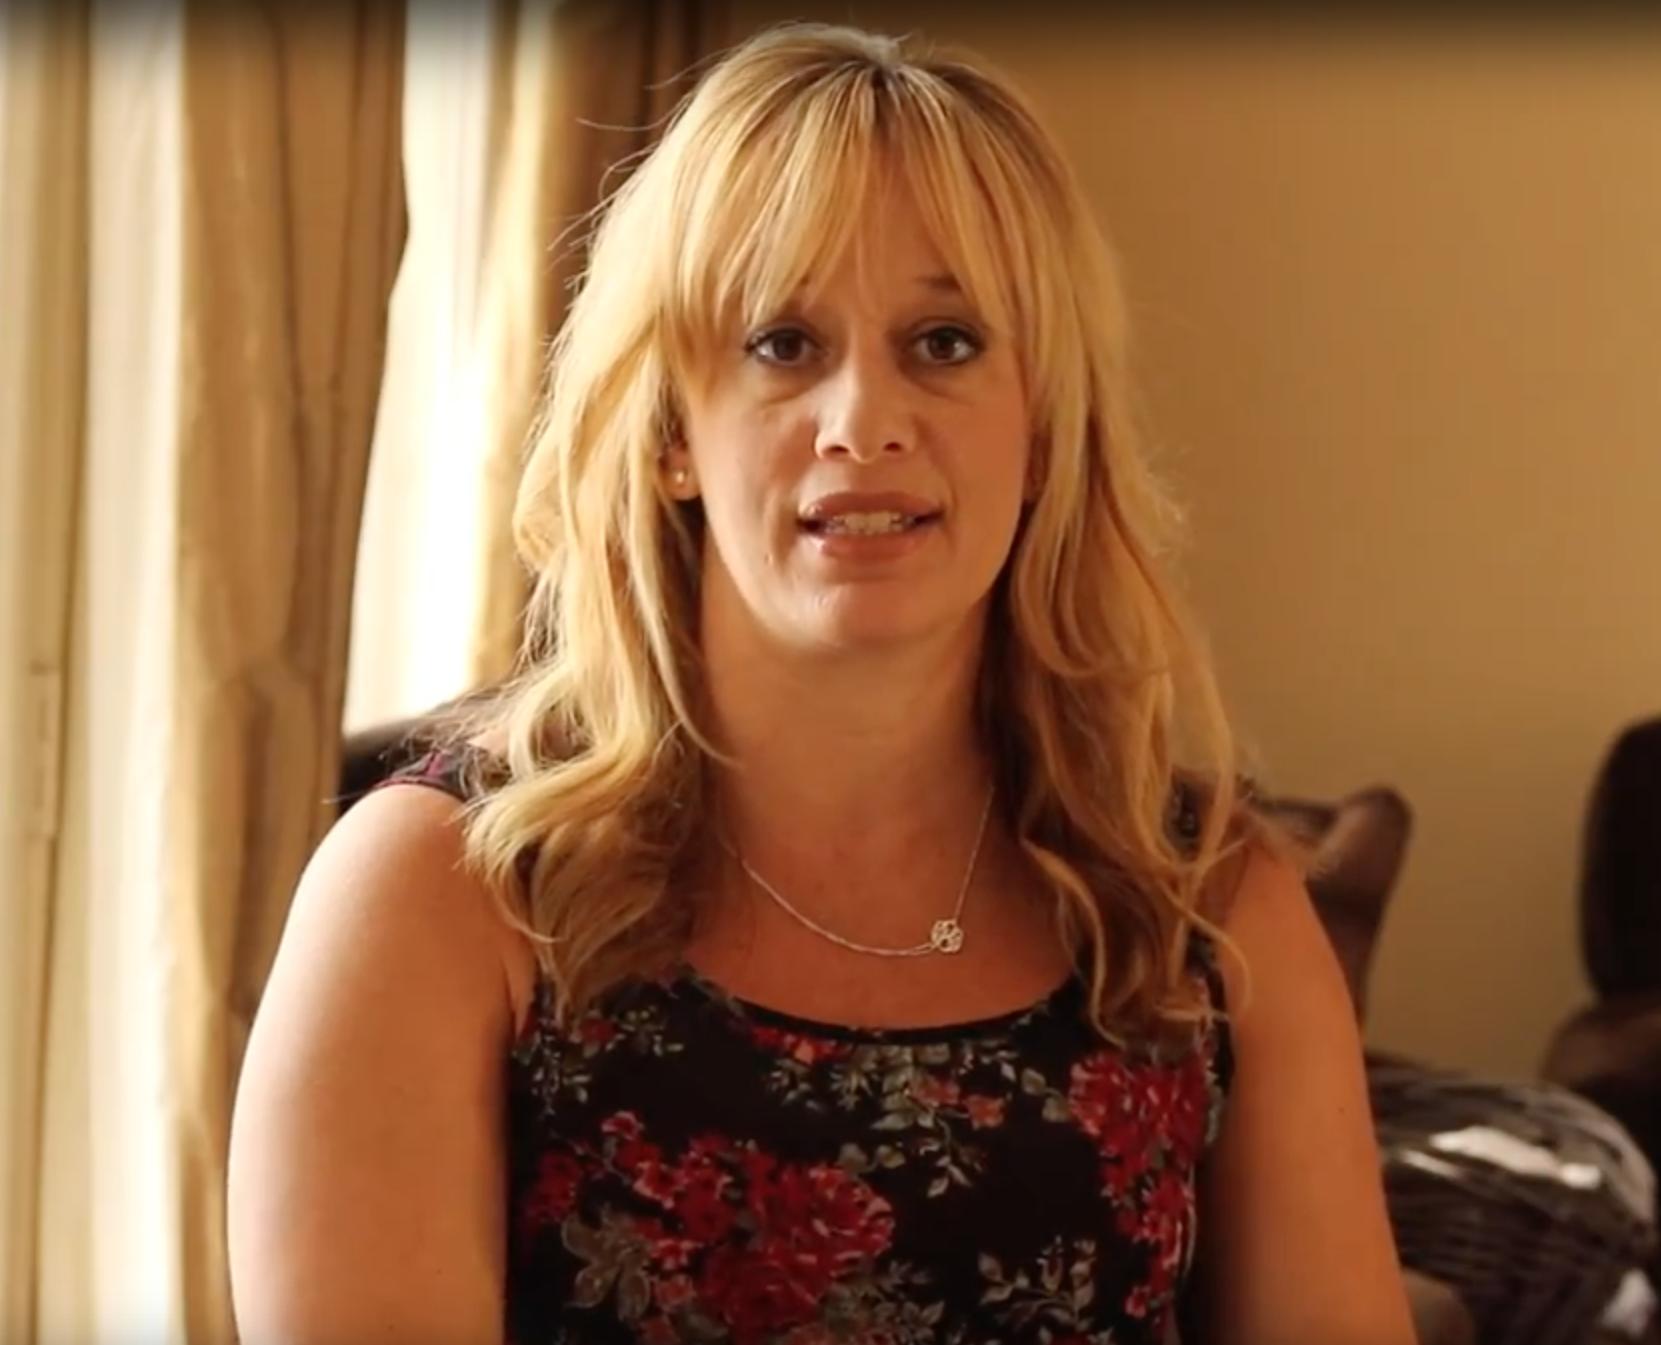 Jennifer Seitel Video: Simple Safety: My Story